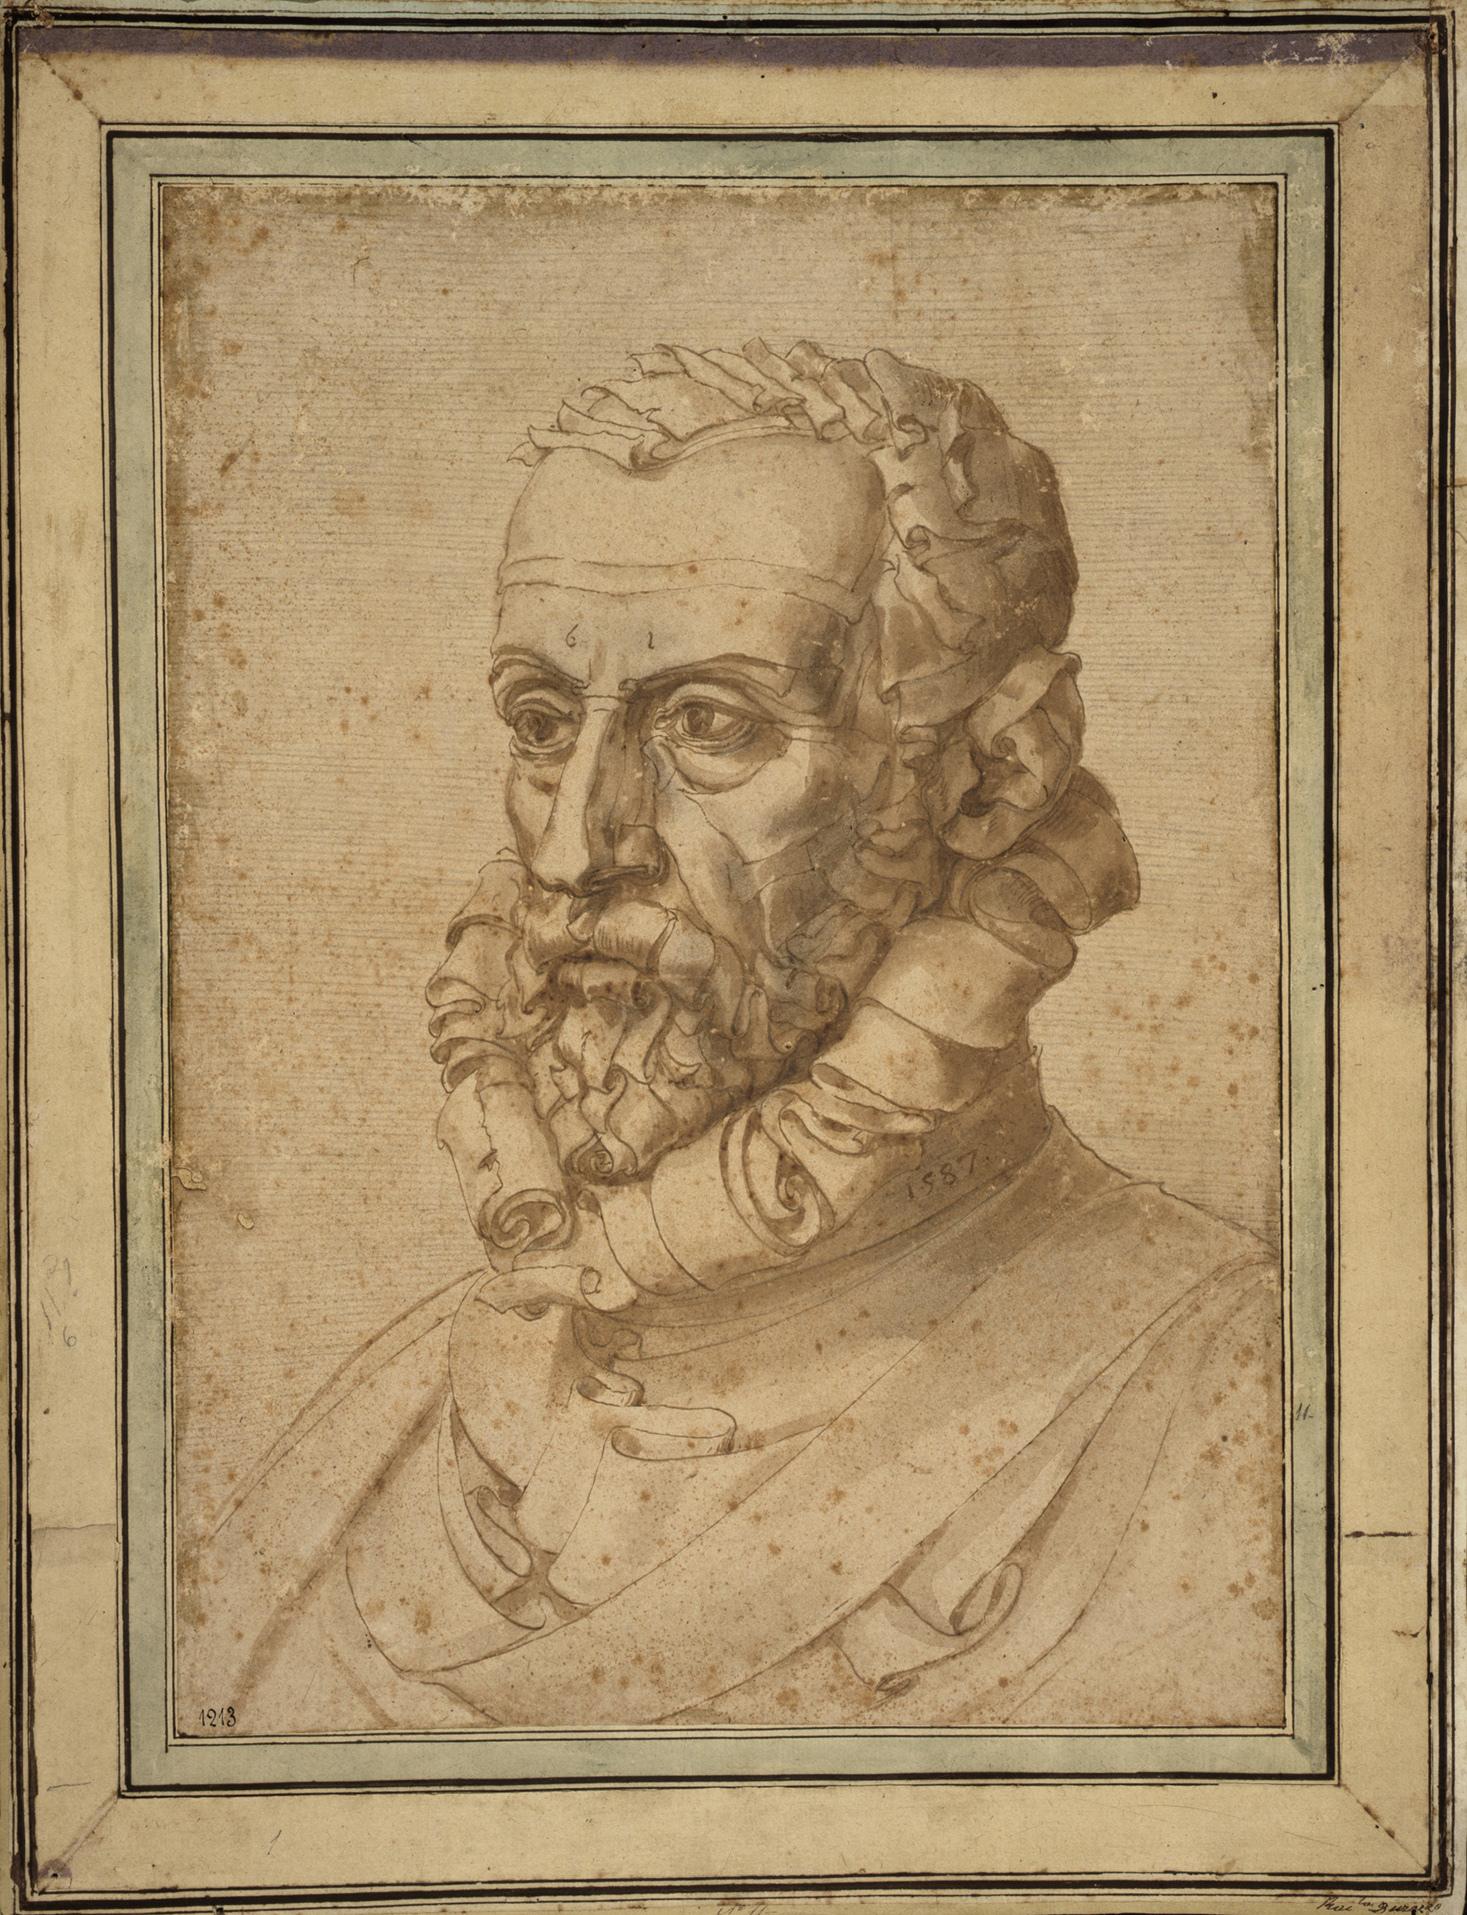 ジュゼッペ・アルチンボルド《自画像(紙の男)》 1587年 鉛筆、ペン/紙 ジェノヴァ、ストラーダ・ヌオーヴァ美術館ロッソ宮蔵  Genova, Musei di Strada Nuova - Palazzo Rosso